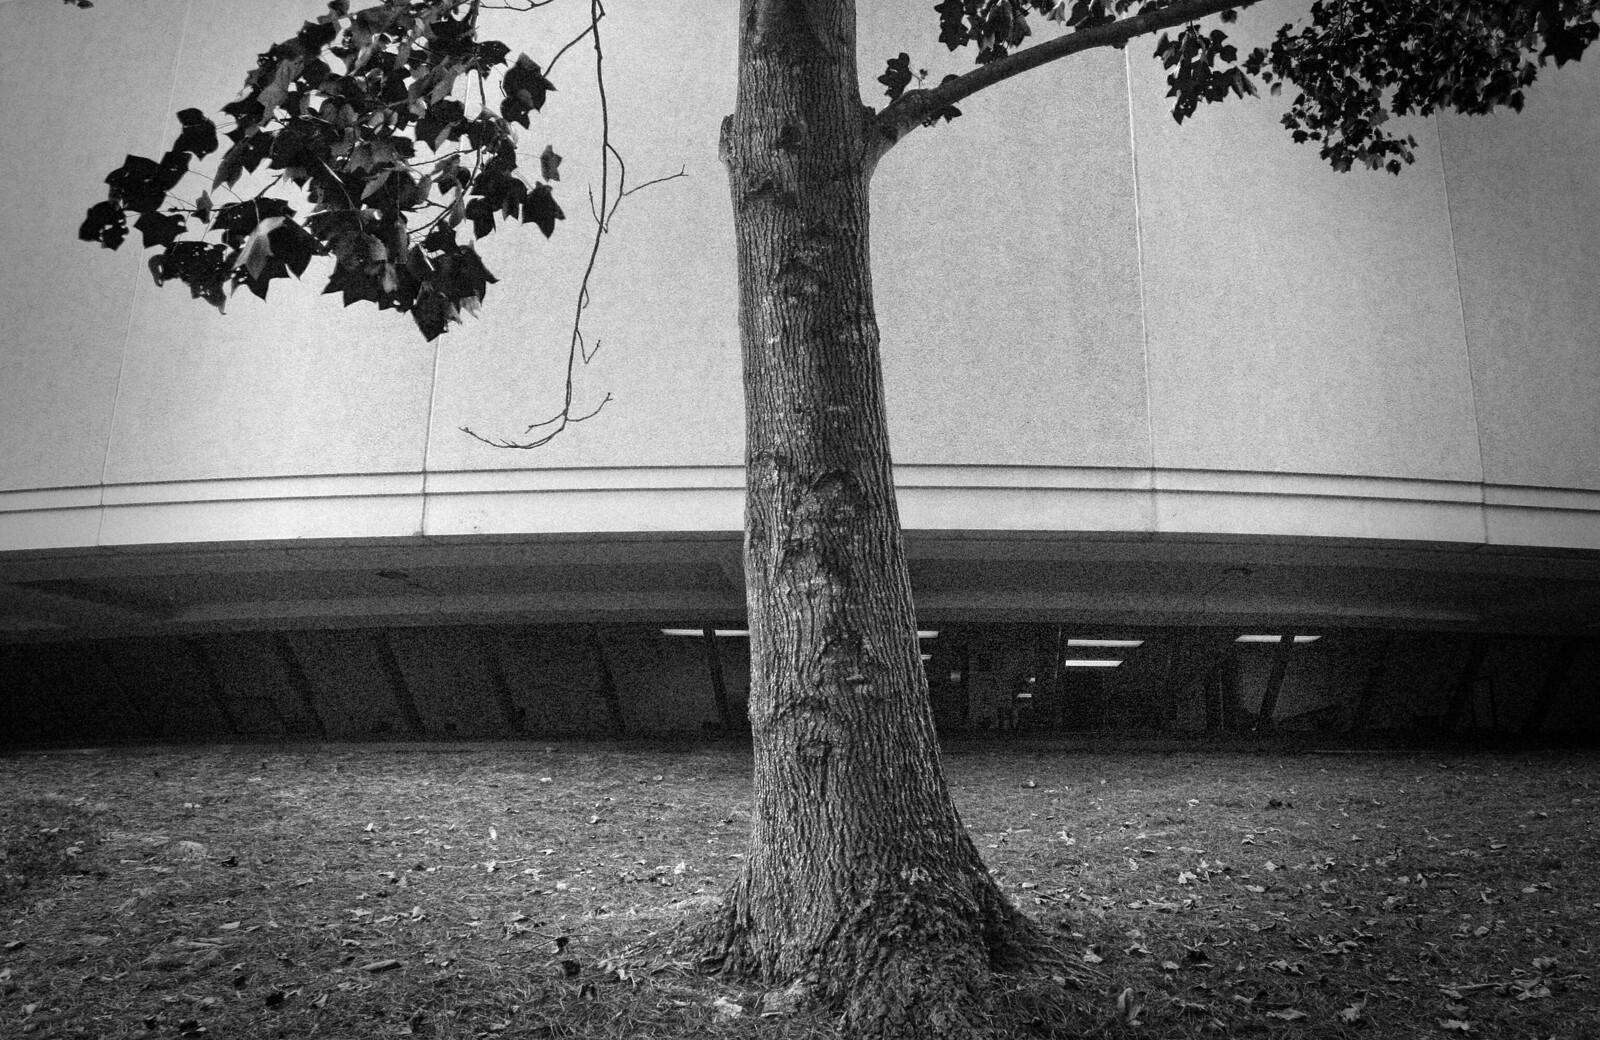 Tree, Carter Center, Atlanta, Oct 2014